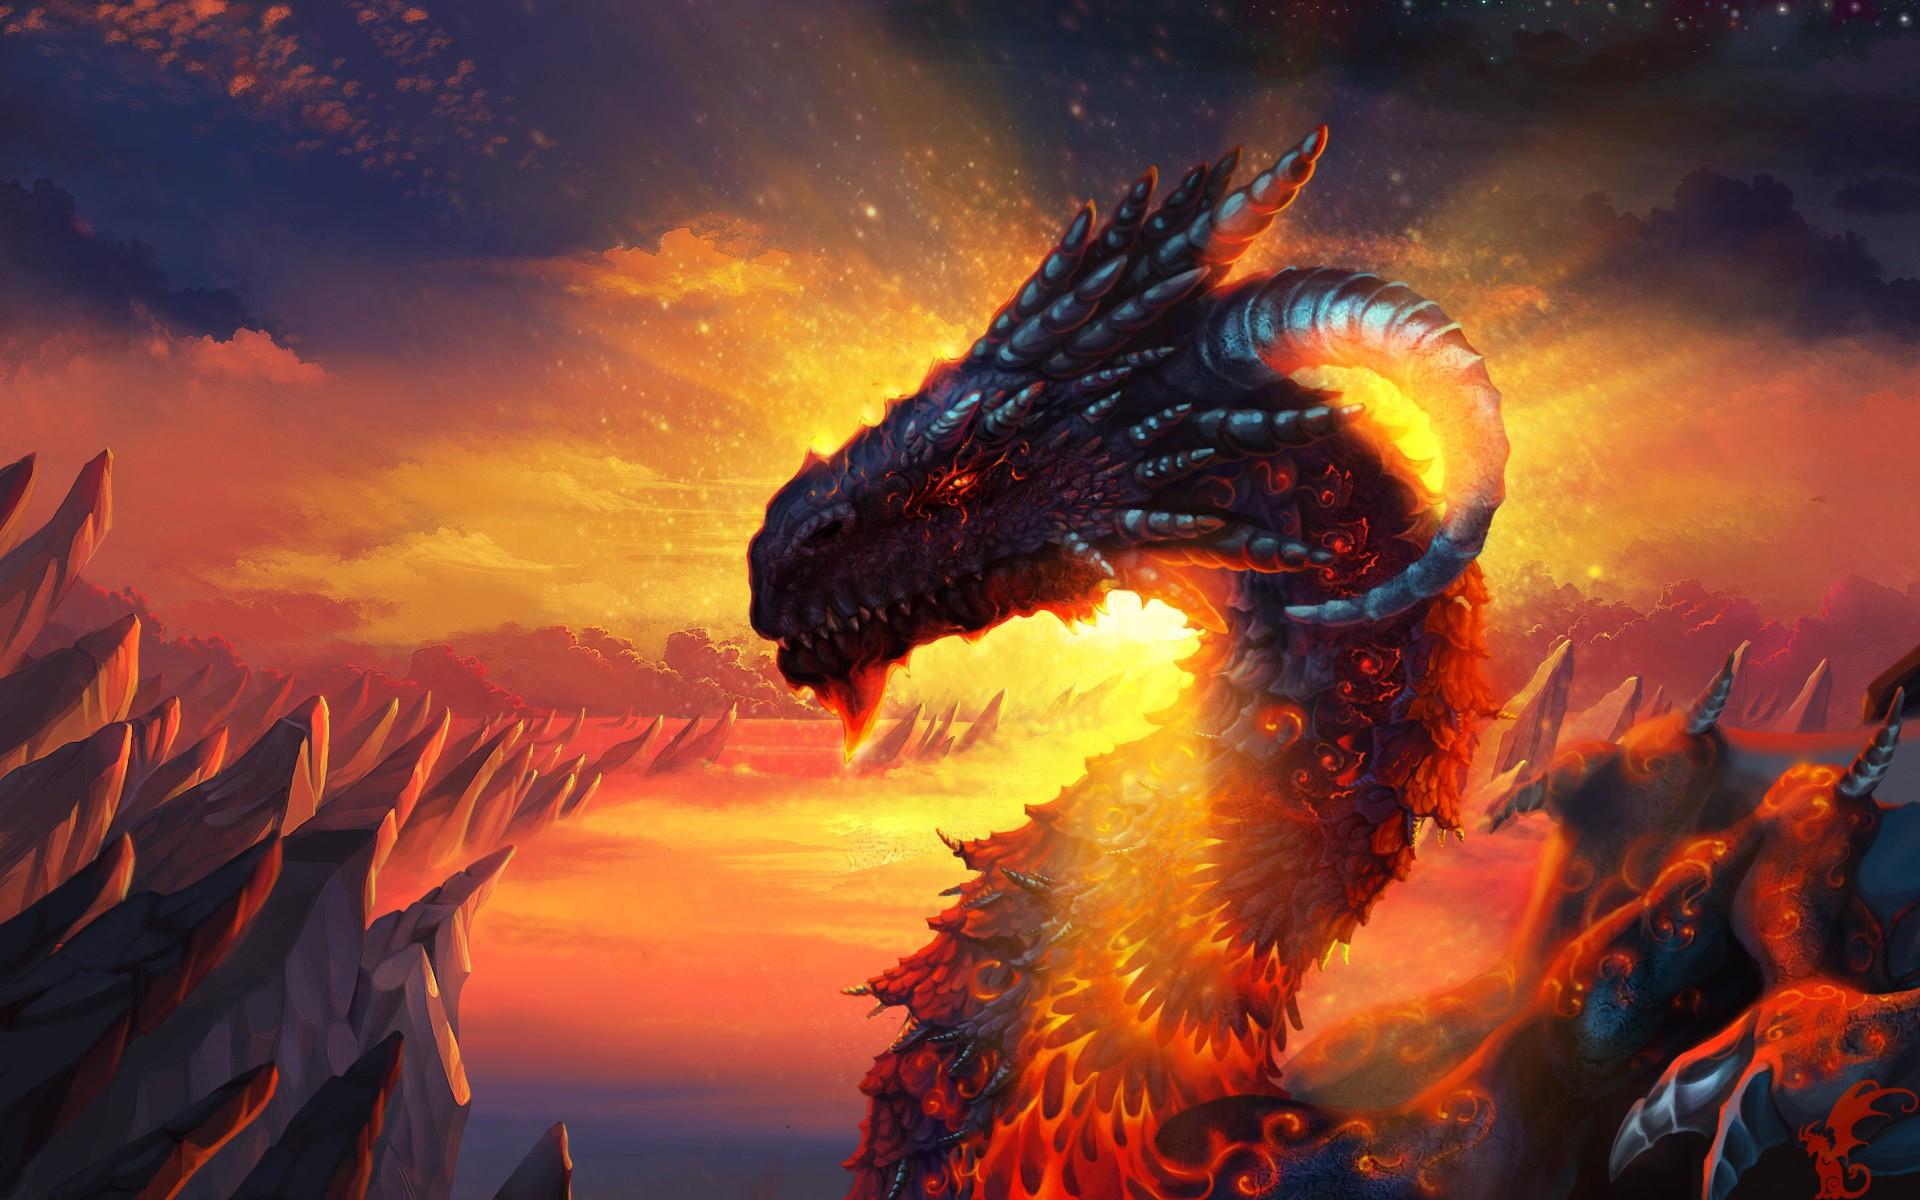 картинки для рабочий стол драконов юмор